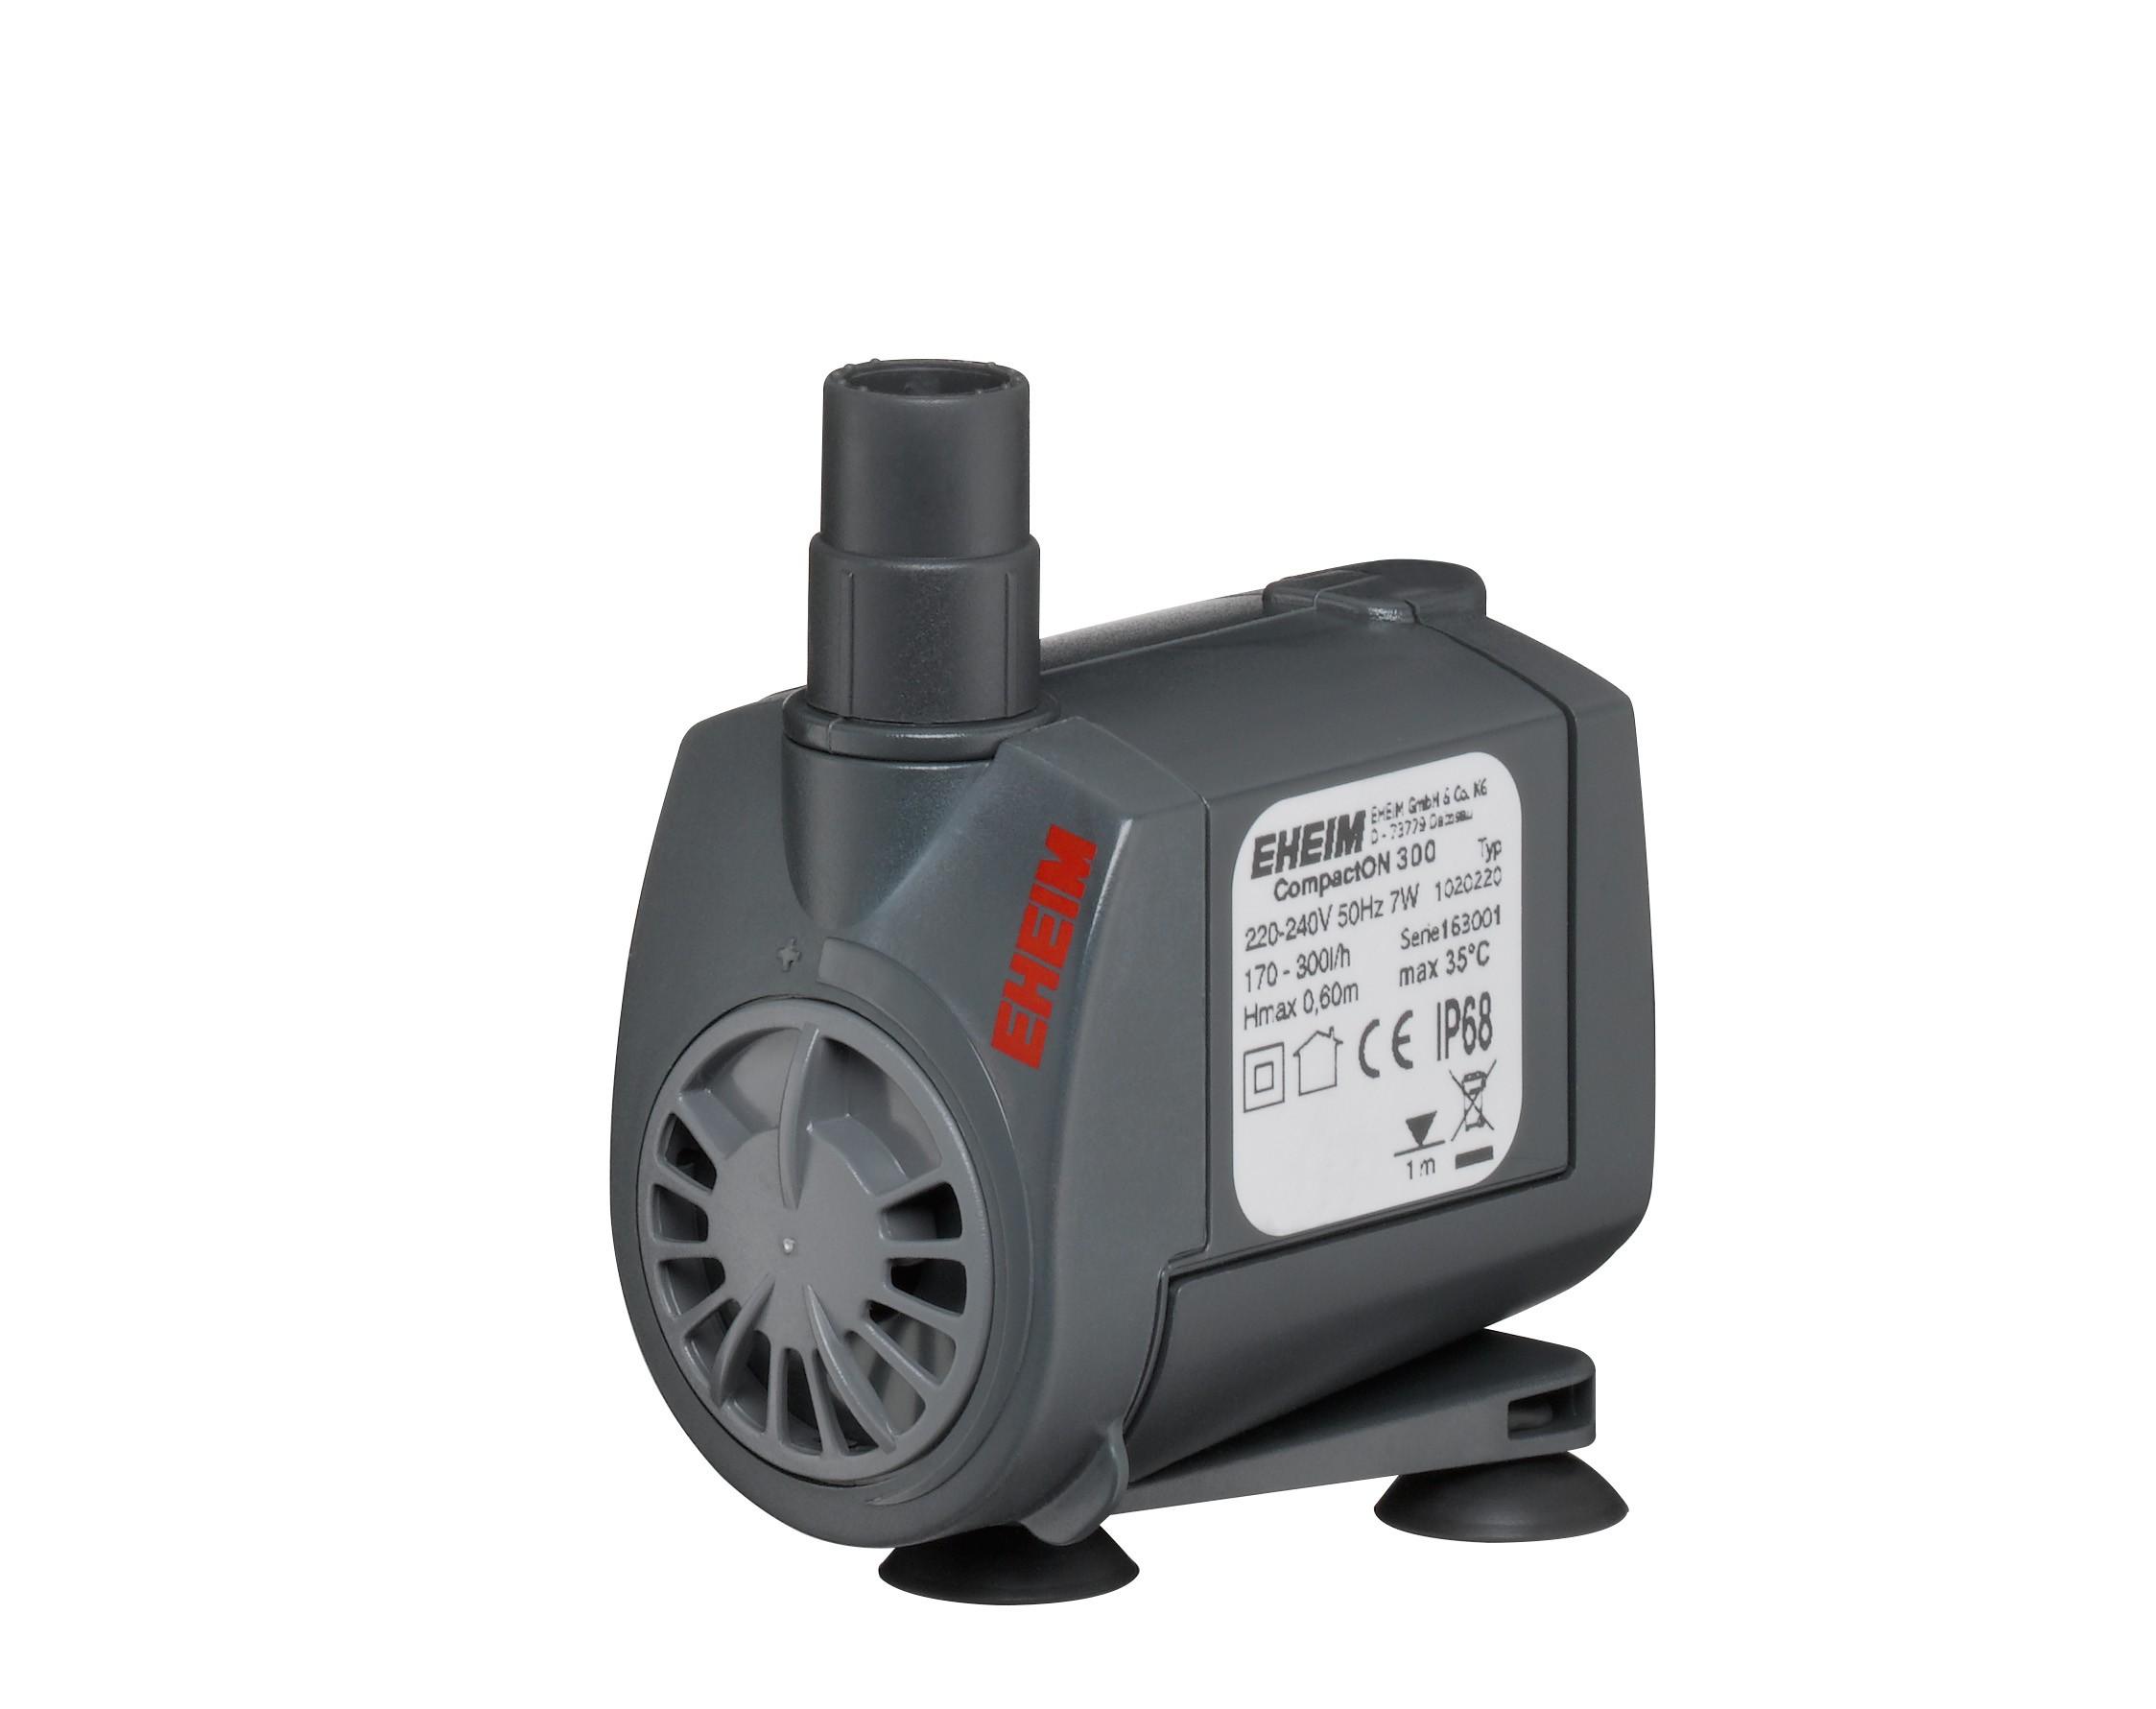 Eheim Compact on 300 Powerhead